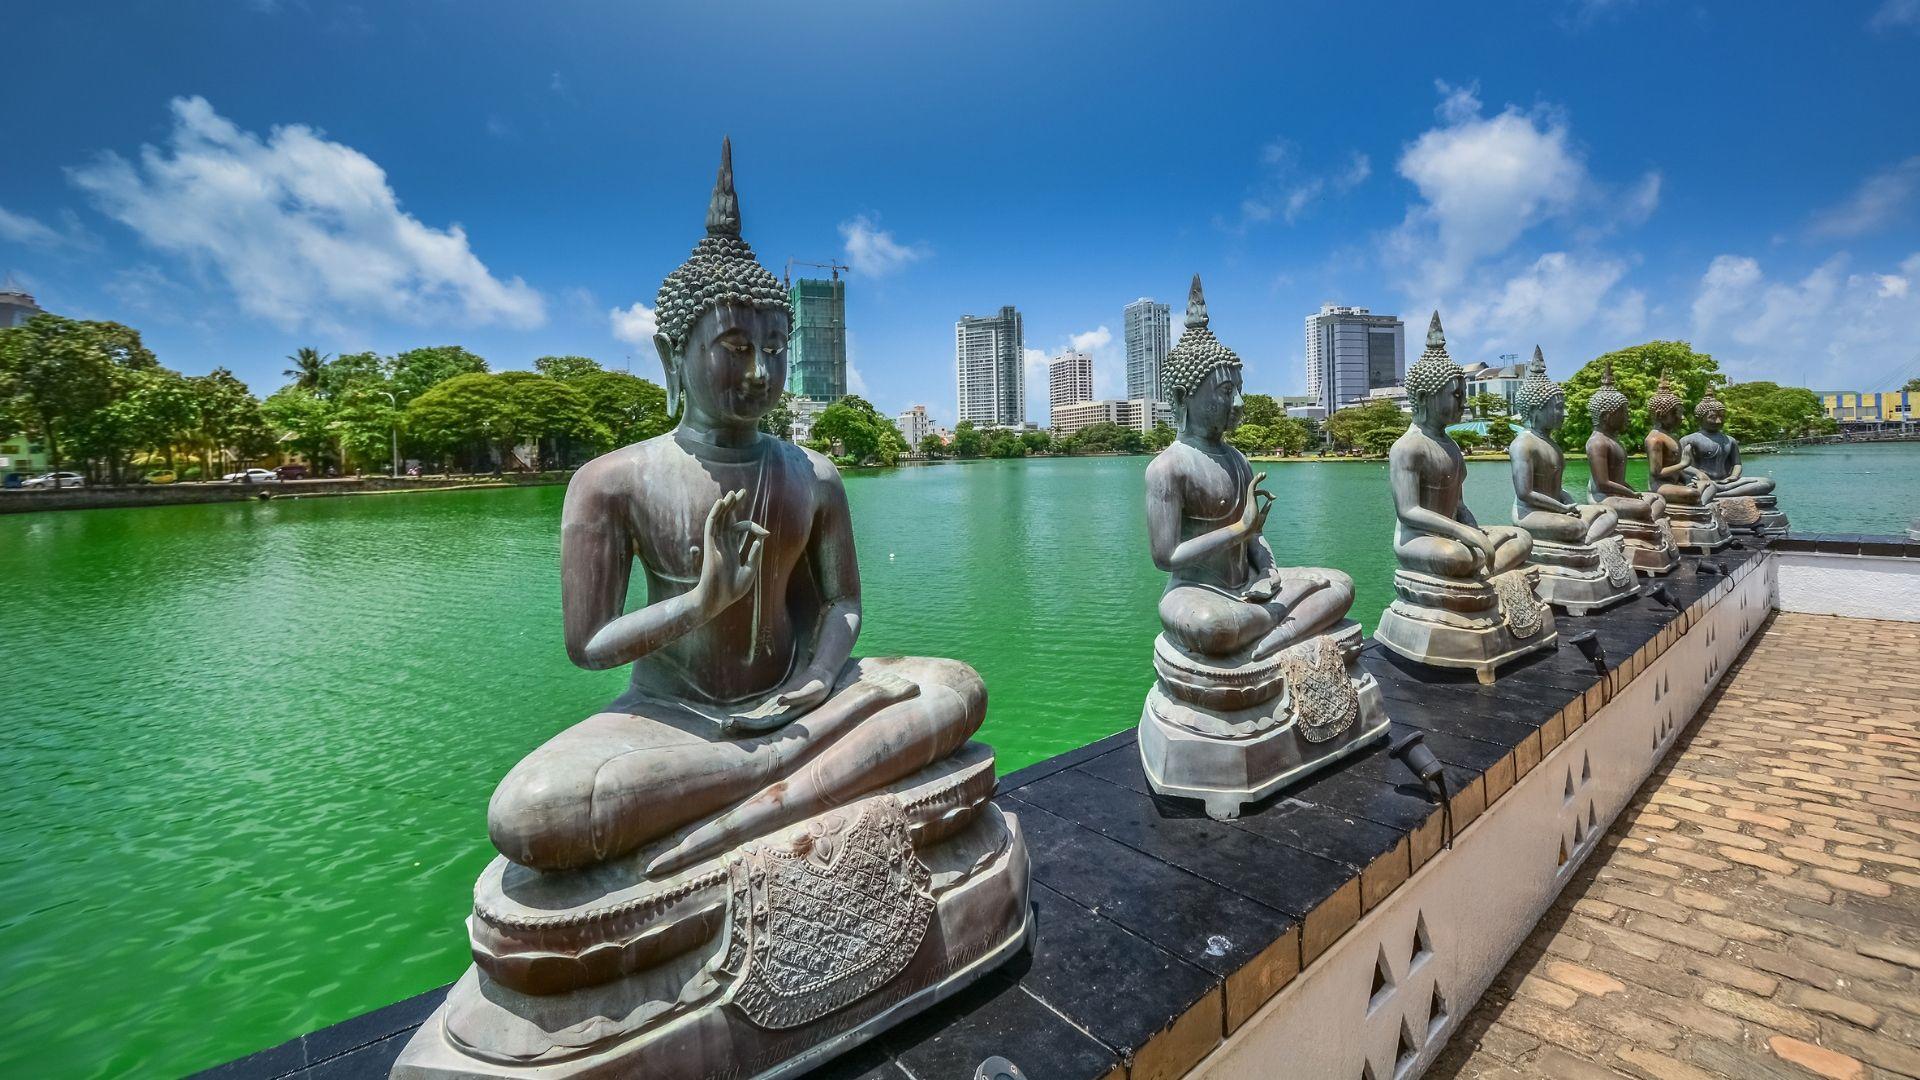 Budistų šventykla Kolombe